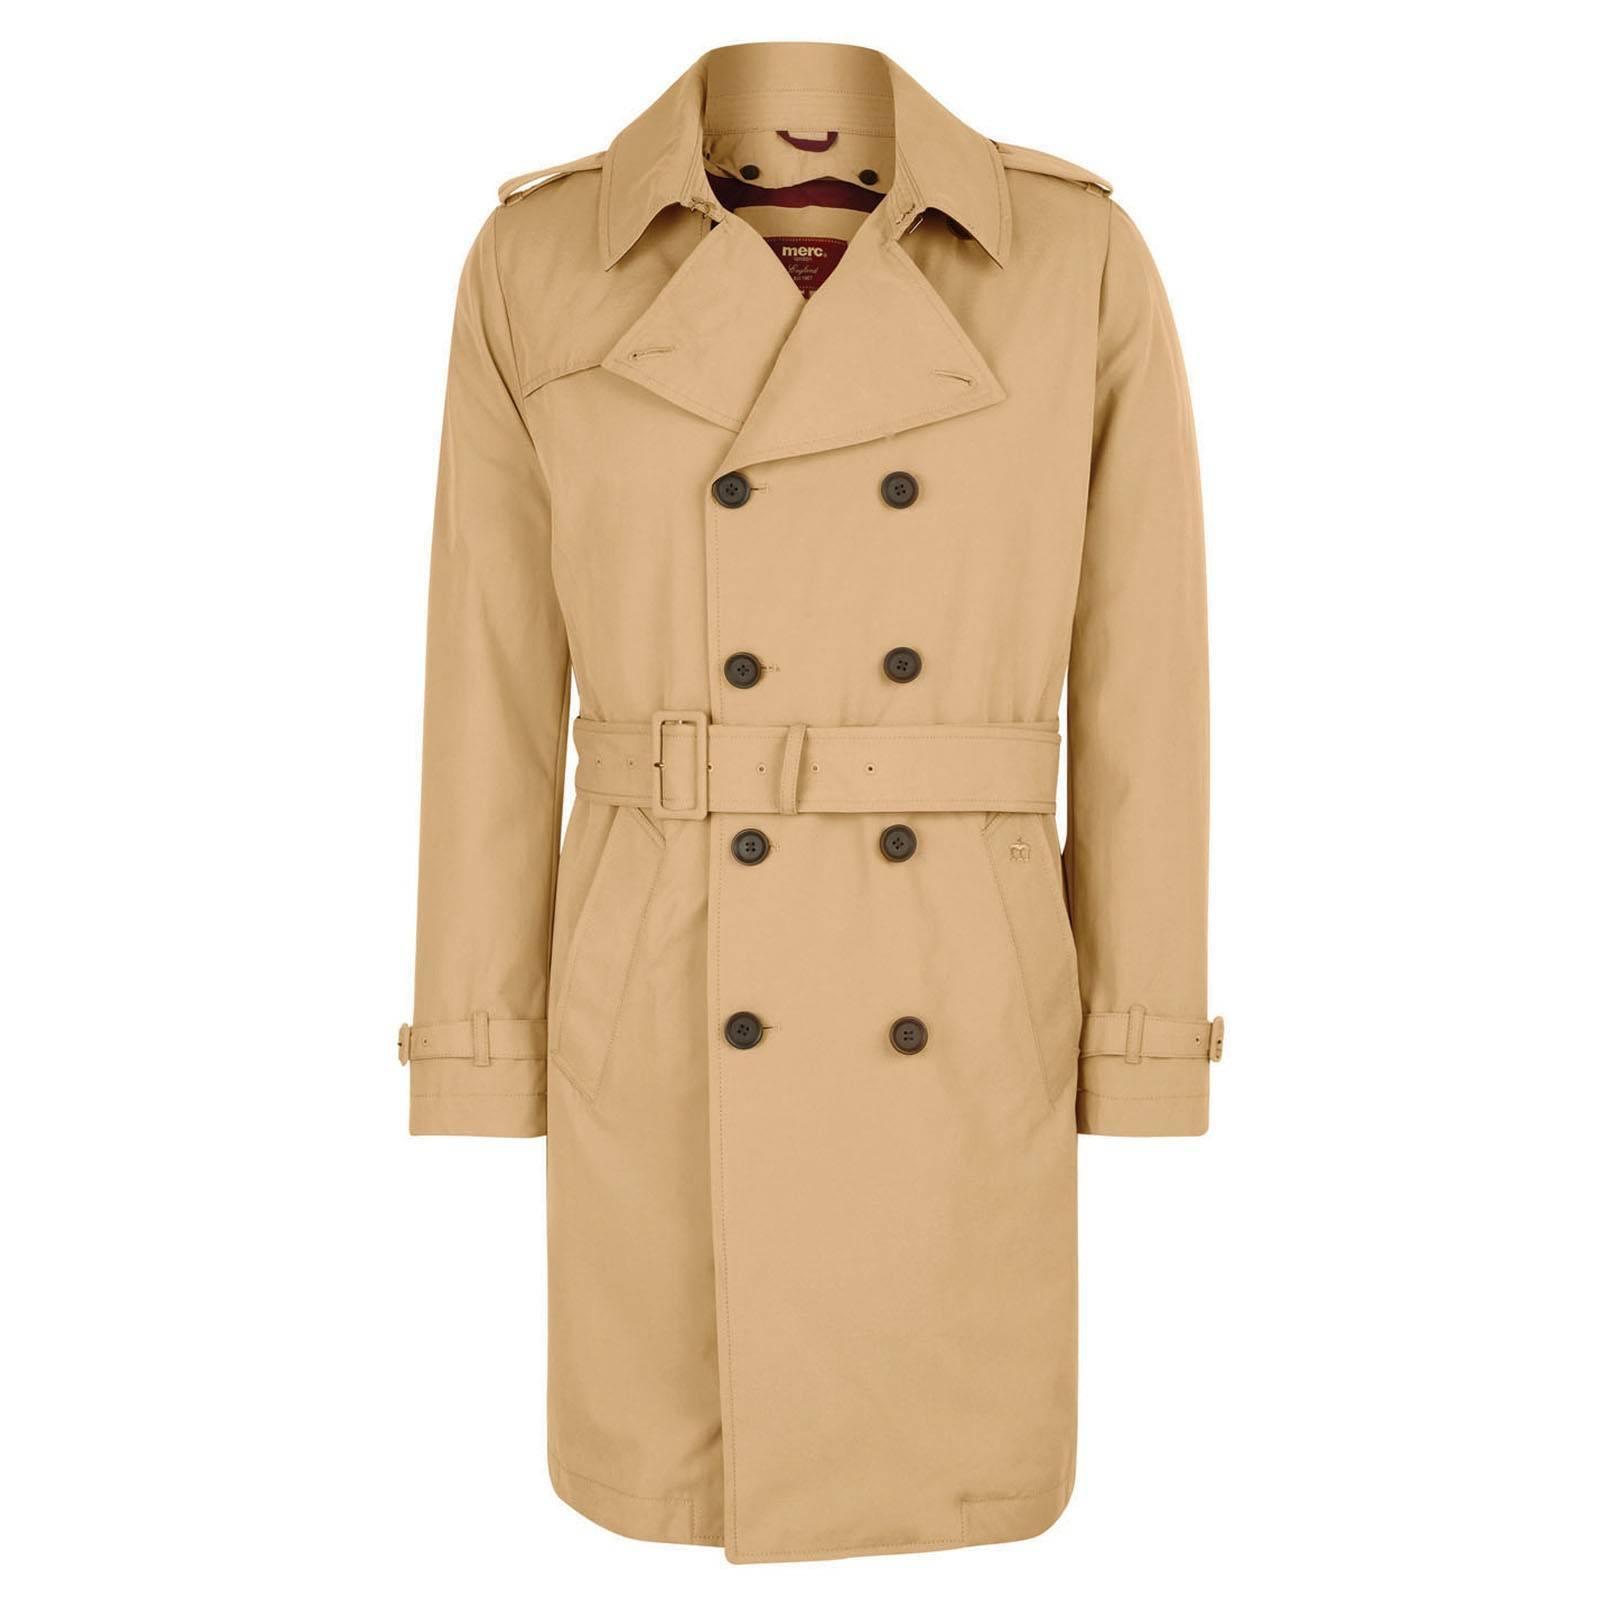 Тренчкот MulliganКуртки под заказ<br>Классический мужской тренчкот - непромокаемый двубортный плащ с поясом, широким отложным воротником, затягивающимися ремешками на рукавах и погонами - переосмысление легендарной исторической модели траншейного пальто в аутентичном дизайне, дополненном современными деталями. Традиционный светло-горчичный цвет подчеркивает благородную английскую родословную этого превосходного тренча. Стеганая подкладка темно-алого цвета утеплена тонкой прослойкой синтепона и является съемной, продлевая сезон использования. Вощеная, водоотталкивающая ткань, двойная кокетка на спине, дополнительный клапан на правом плече, позволяющий надежно запахнуть ворот, а также металлическая застежка на шее служат эффективной защитой от дождя и ветра. Контрастная, в цвет подкладки, отделка внутренней части воротника добавляет ему эффекта в поднятом виде. Брендирован фирменными надписями на крупных пуговицах и традиционным логотипом Корона, вышитом на широкой планке левого прорезного кармана. Оснащен двумя внутренними карманами. Идеально сочетается с бордовой рубашкой polka-dot, голубой button-down рубашкой gingham, зауженными синими брюками Sta-Prest, коричневыми или рыжими Челси бутс. Подстёжка: 100% хлопок.<br><br>Артикул: 1113201<br>Материал: 44% хлопок, 39% полиэстер, 17% нейлон<br>Цвет: песочный<br>Пол: Унисекс